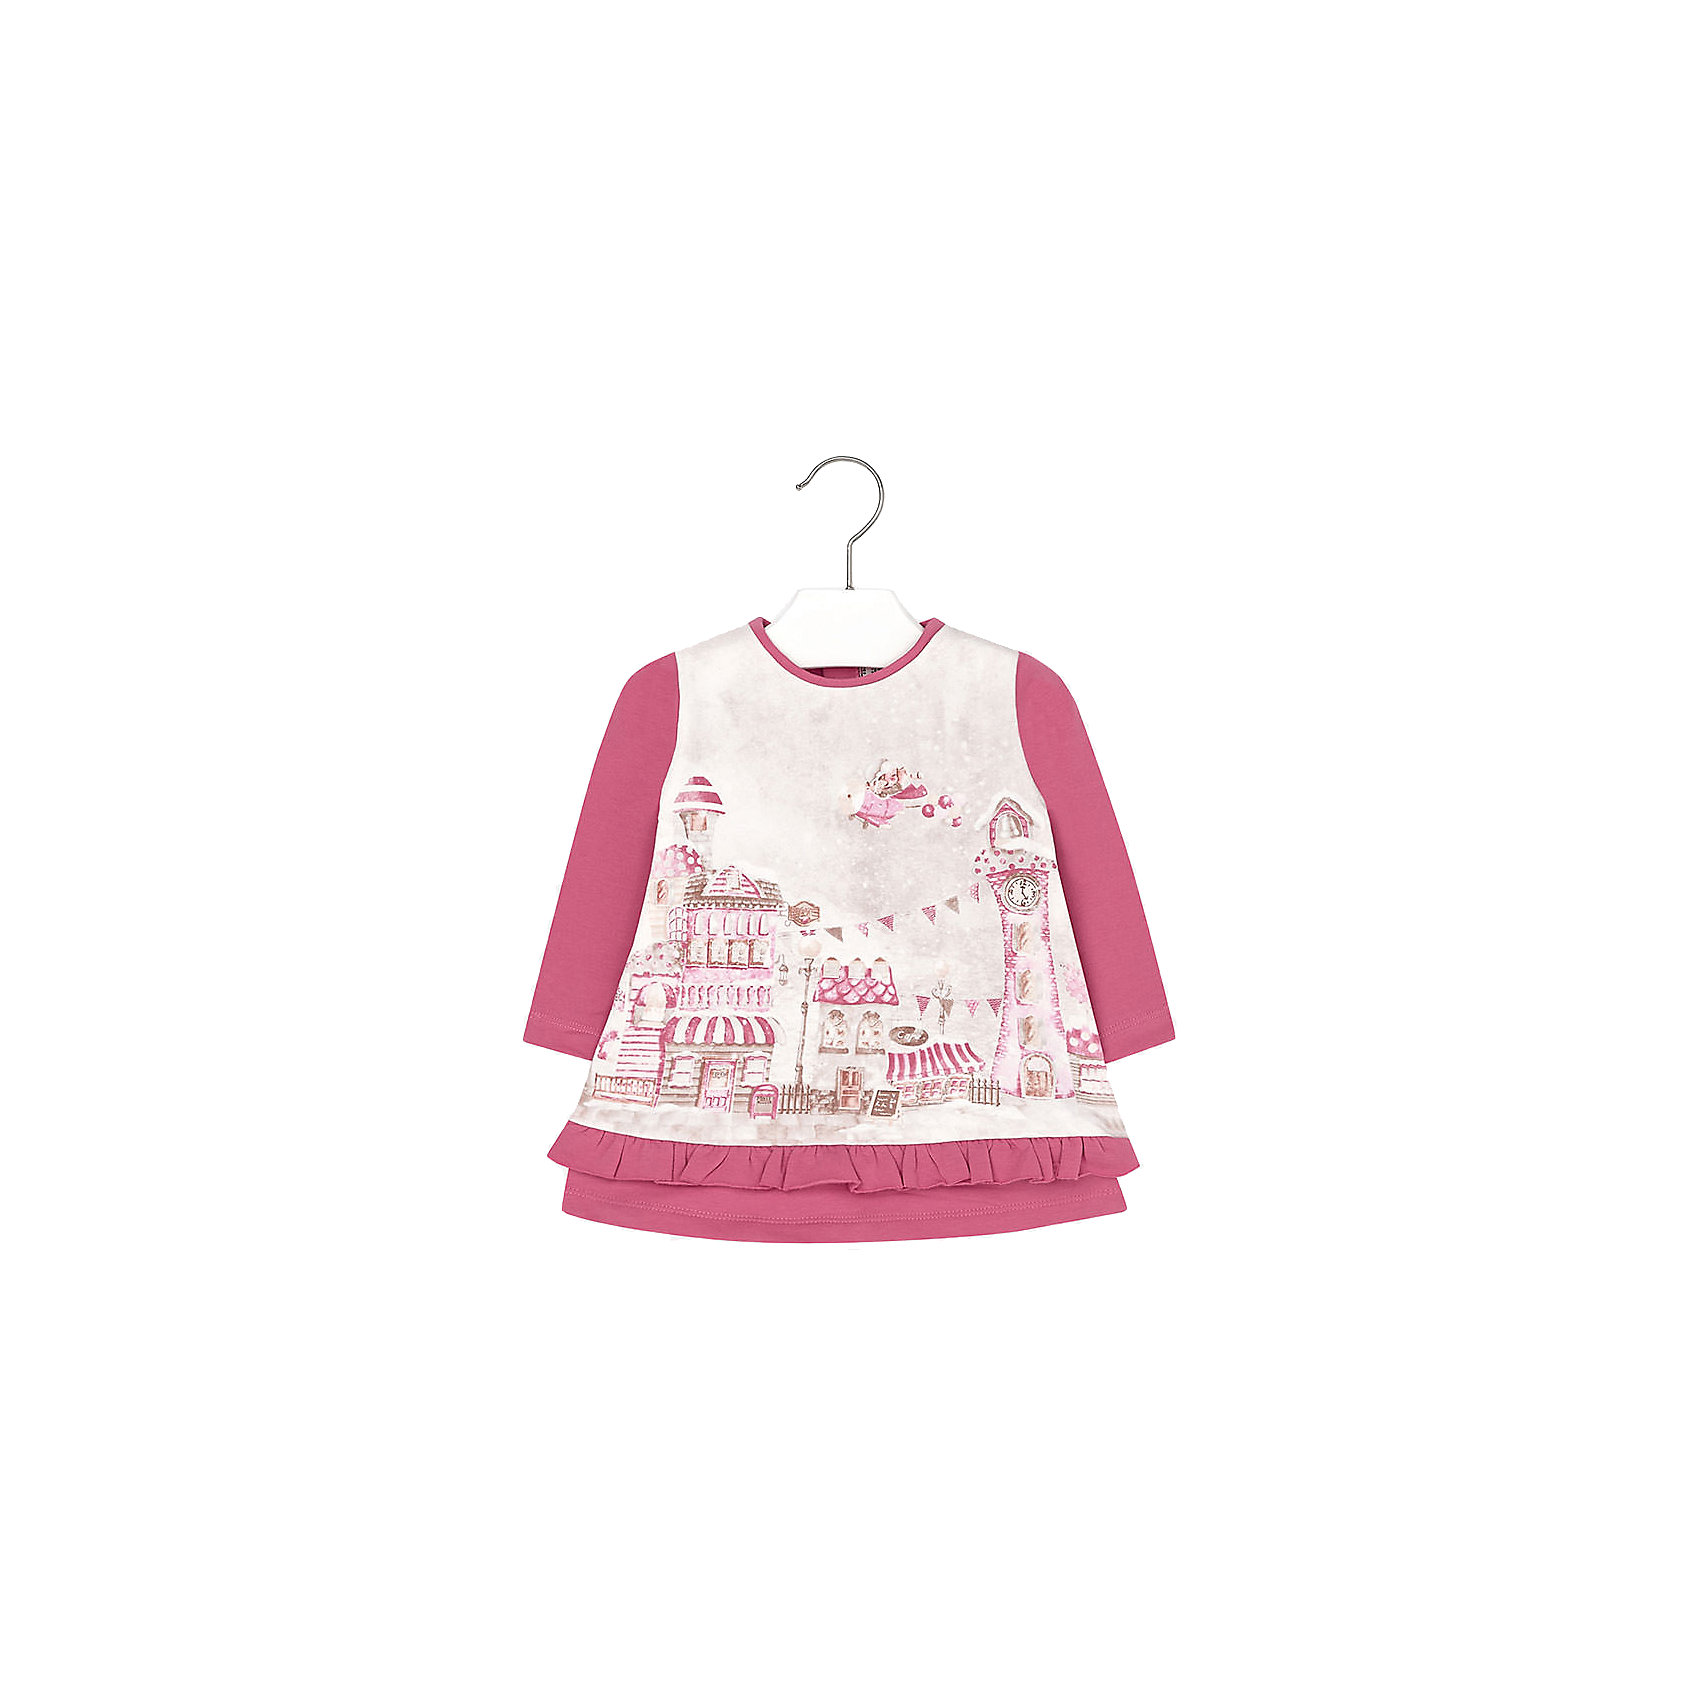 Платье для девочки MayoralПлатья<br>Яркое платье для самых ярких дней! Модель комбинированной расцветки оформлена нежным принтом и кокетливой оборкой, застегивается на кнопки на спине. Платье Mayoral изготовлено из натурального хлопка с добавлением нитей эластана, отлично смотрится на фигуре, очень приятно к телу. <br><br>Дополнительная информация:<br><br>- Мягкий трикотажный материал.<br>- Длинный рукав.<br>- Округлый вырез горловины. <br>- Нежный принт, оборки.<br>- Застегивается на кнопки на спине. <br>Состав:<br>- 95% хлопок, 5% эластан. <br><br>Платье для девочки Mayoral (Майорал), можно купить в нашем магазине.<br><br>Ширина мм: 236<br>Глубина мм: 16<br>Высота мм: 184<br>Вес г: 177<br>Цвет: красный<br>Возраст от месяцев: 6<br>Возраст до месяцев: 9<br>Пол: Женский<br>Возраст: Детский<br>Размер: 74,80,86,92<br>SKU: 4846352